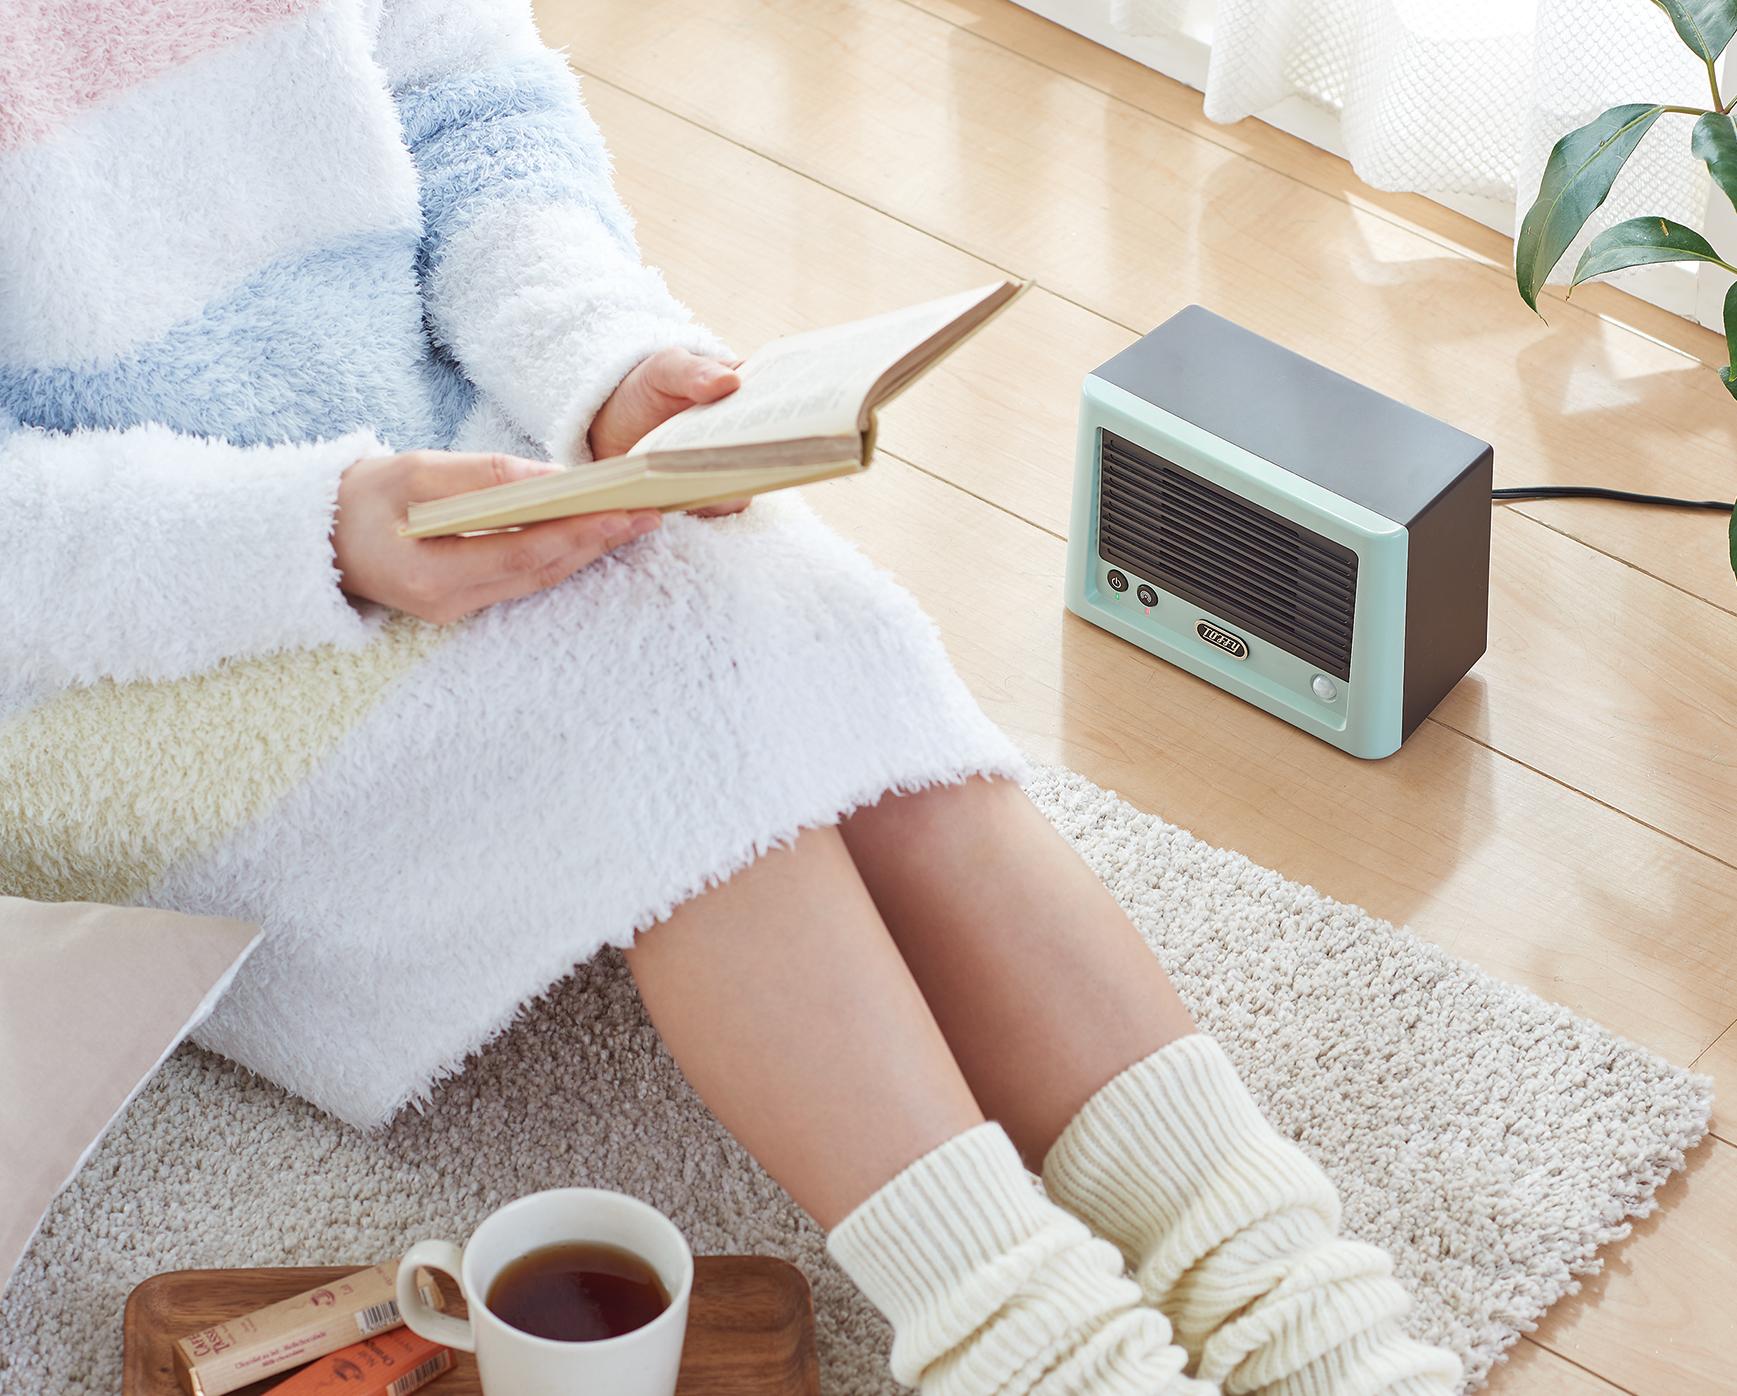 「冷え」は女性の大敵!体を中からも外からも温める温活グッズ5選